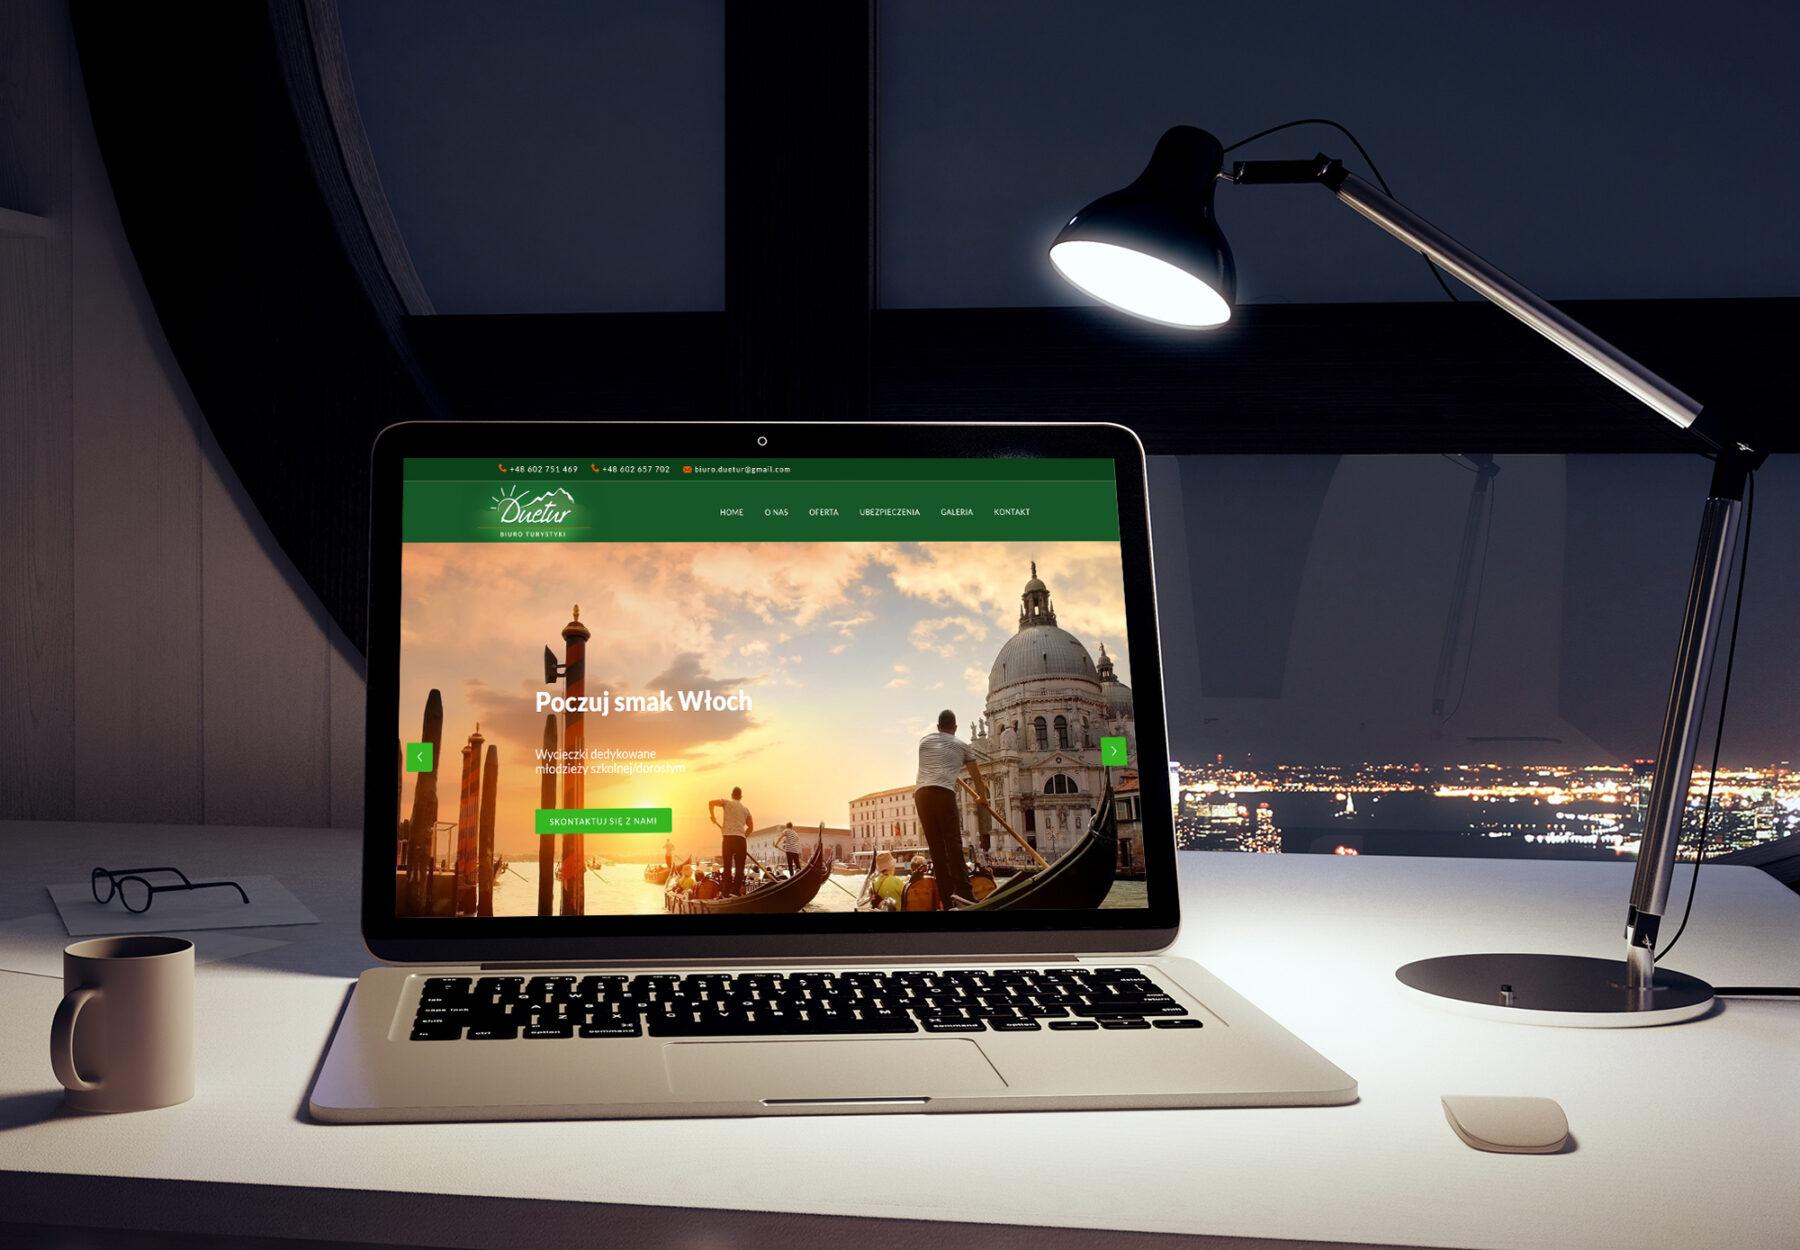 Projektowanie stron www - strona internetowa duetur.pl - obraz 2